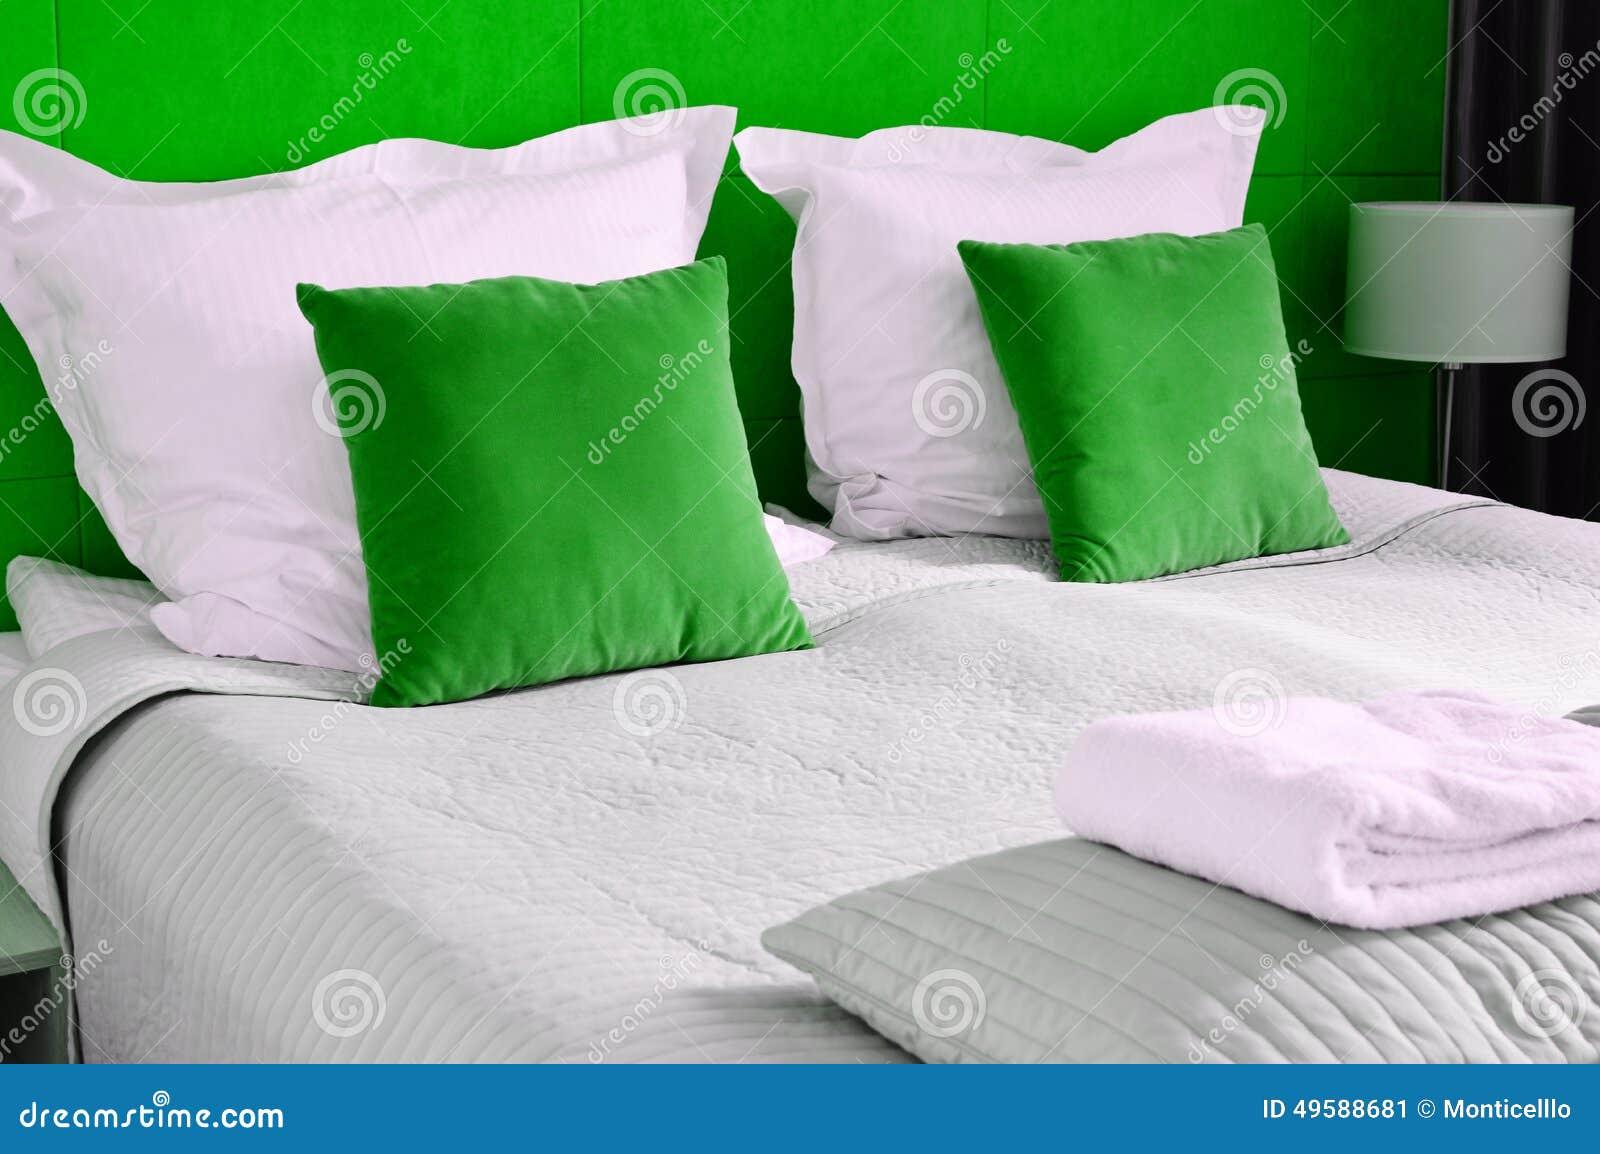 łóżkowy dwoisty pokój hotelowy zakwaterowanie